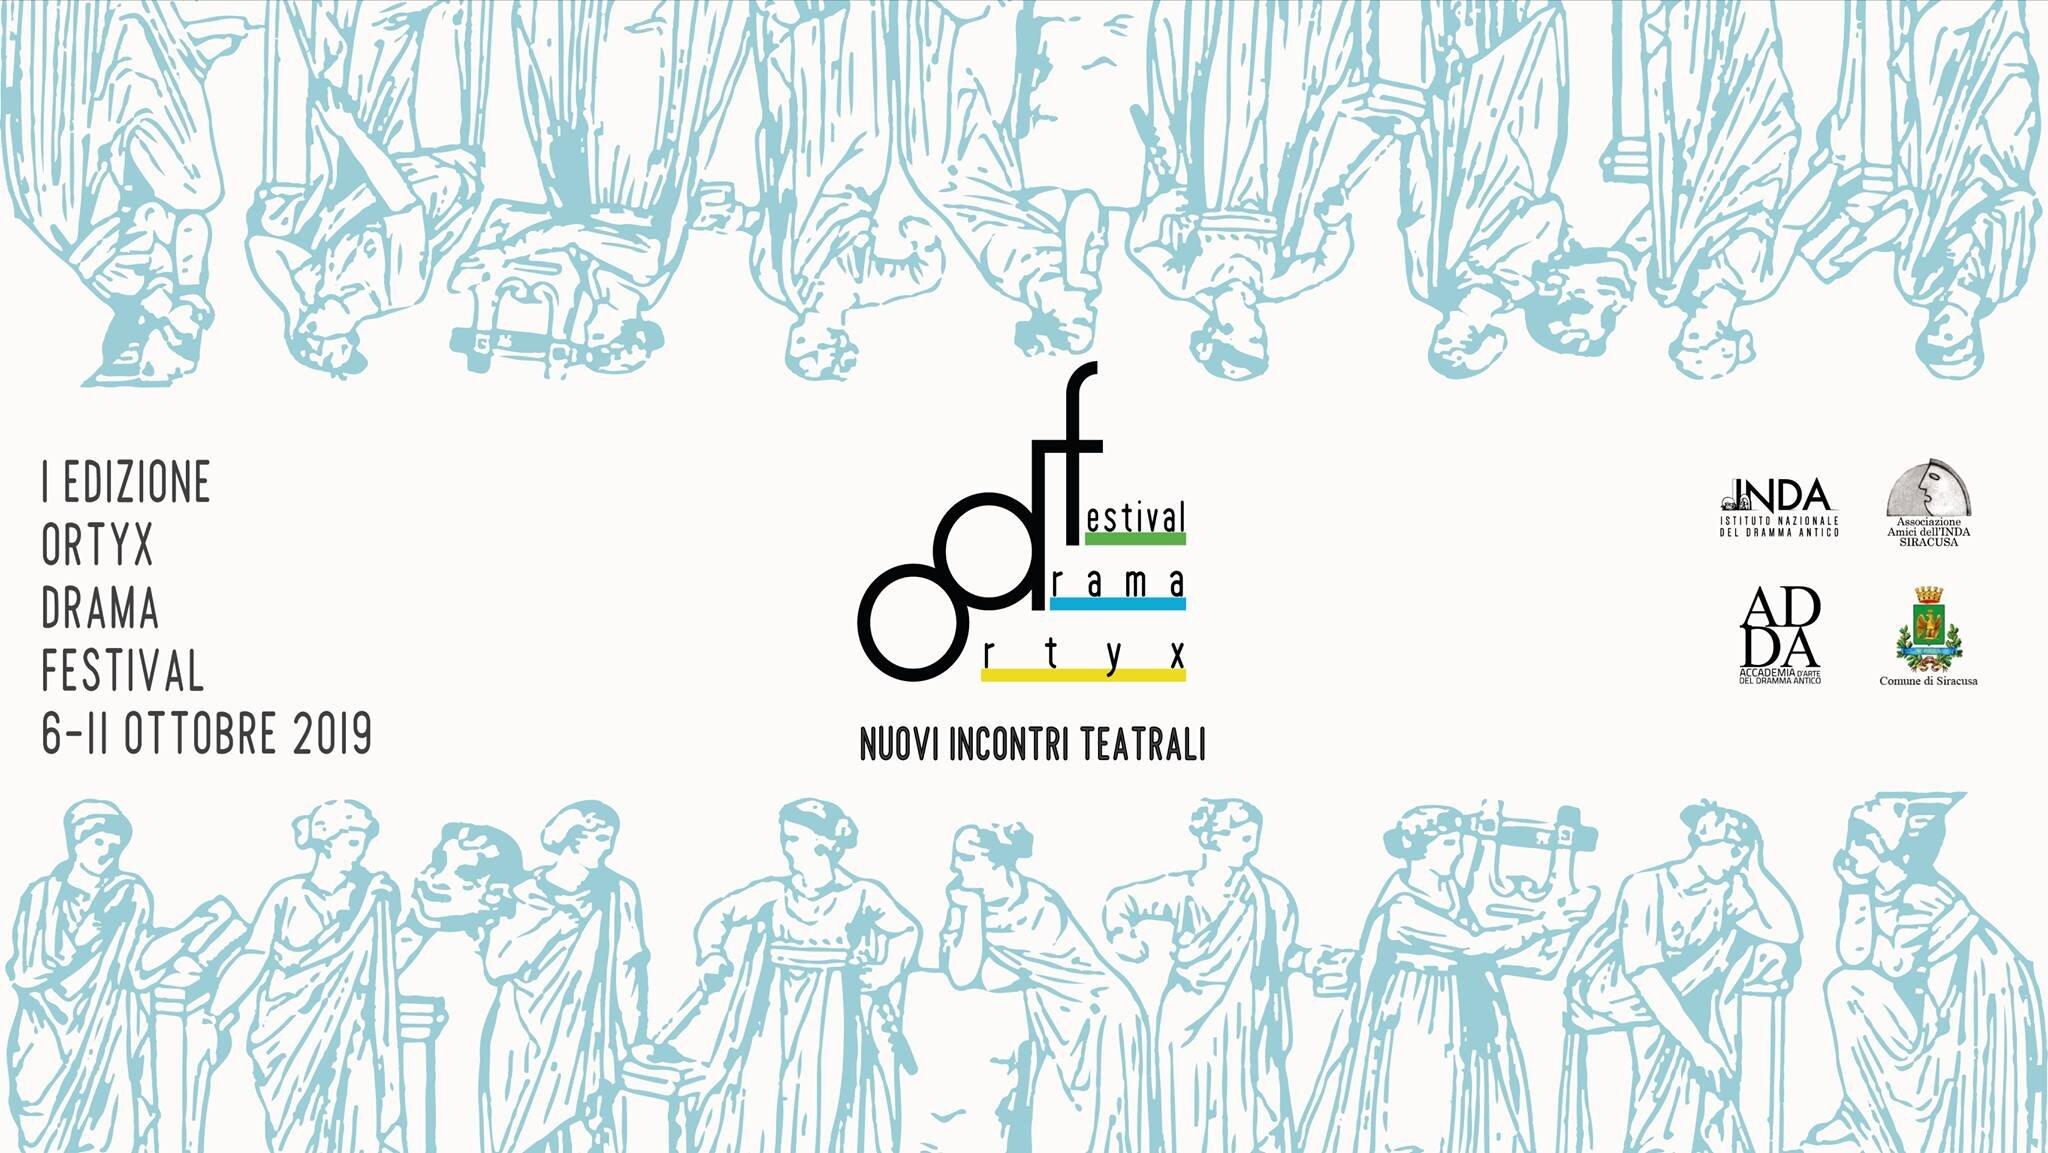 Ortyx Drama Festival: I giovani incontrano l'Isola di Ortigia